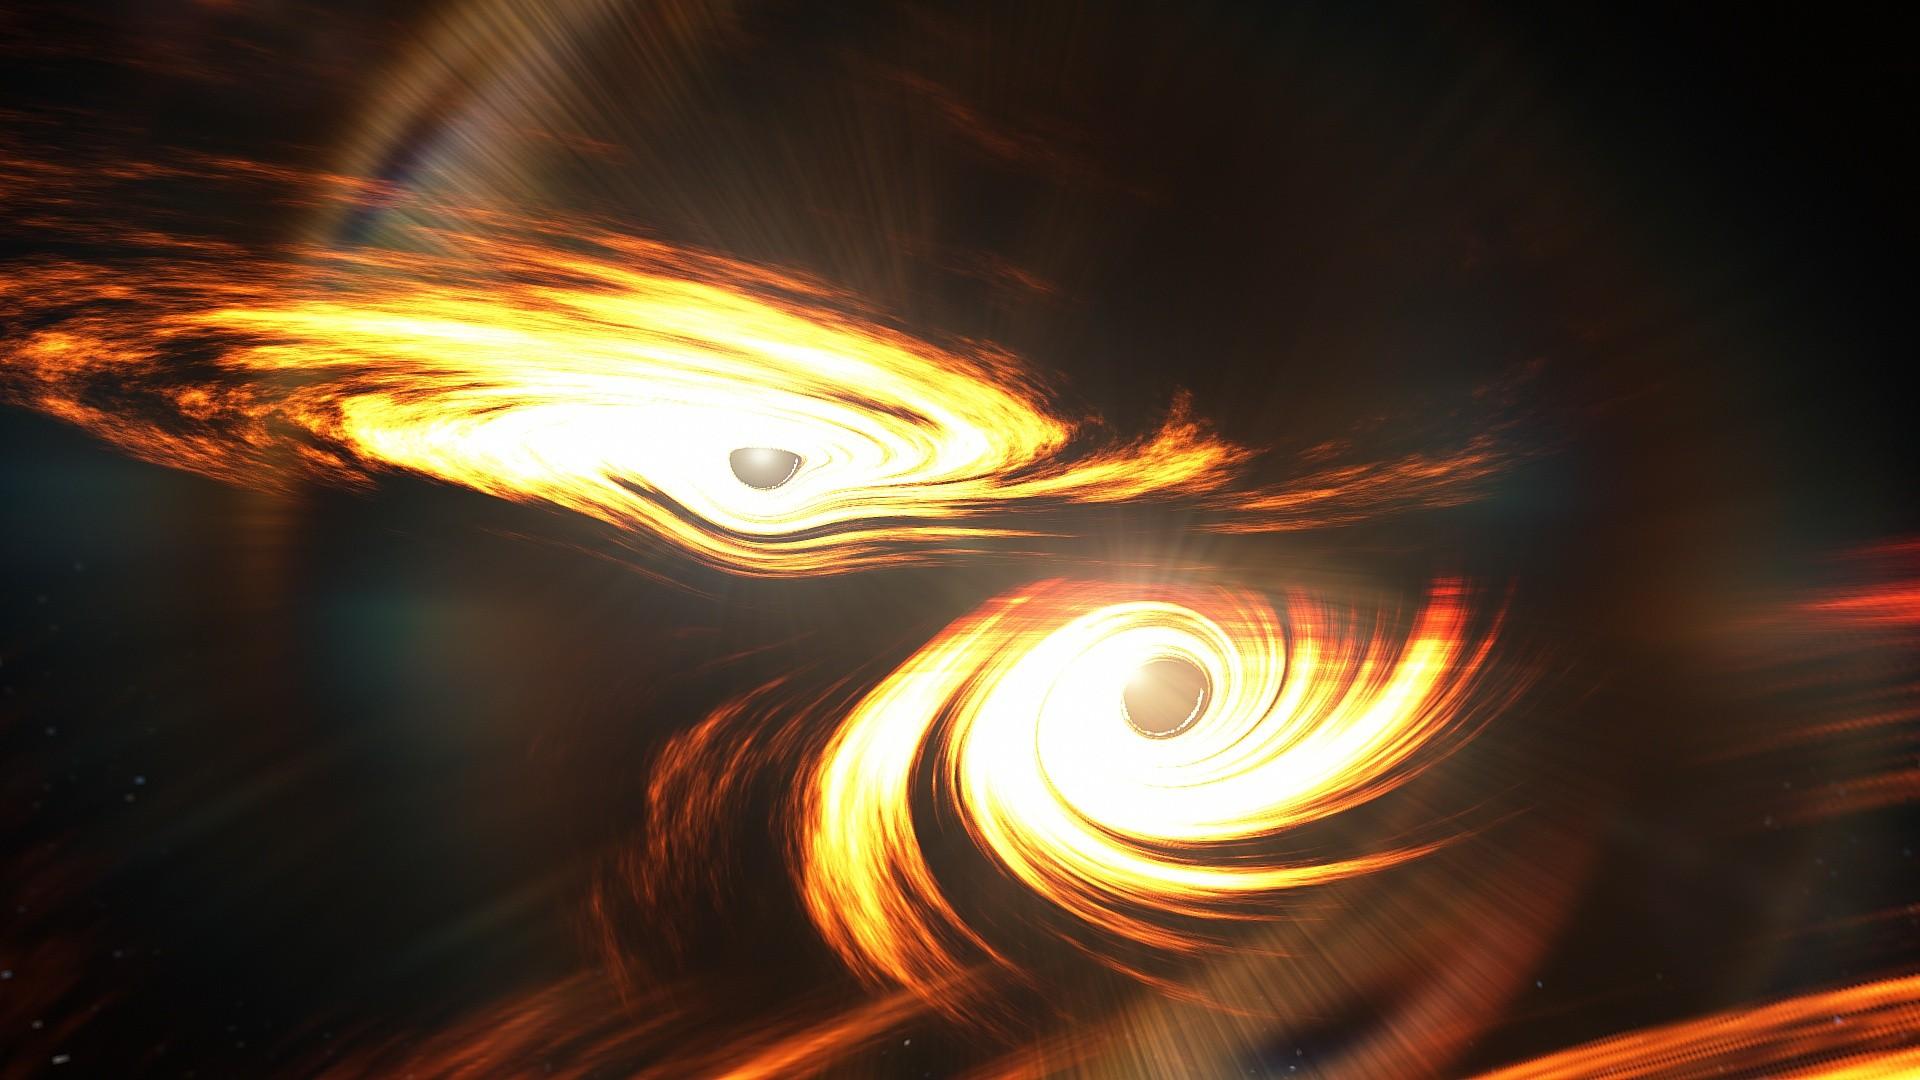 Ondas gravitacionais colocam em xeque teoria sobre formação de buracos negros (Foto: Ligo-Virgo/Caltech/MIT)